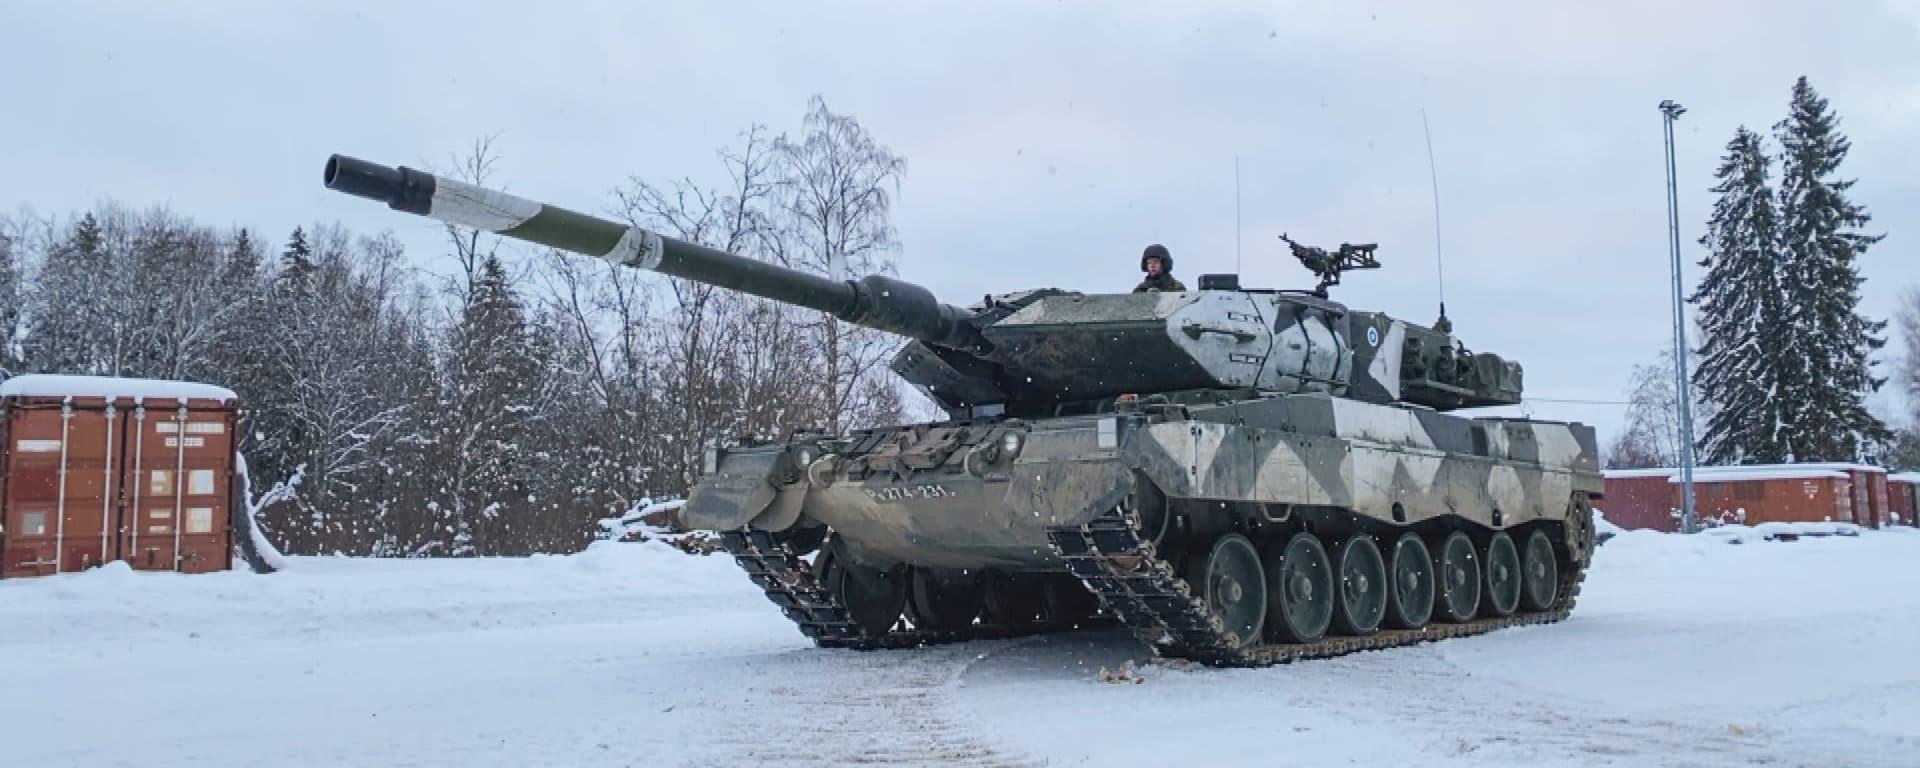 panssarivaunu parolannummella talvella